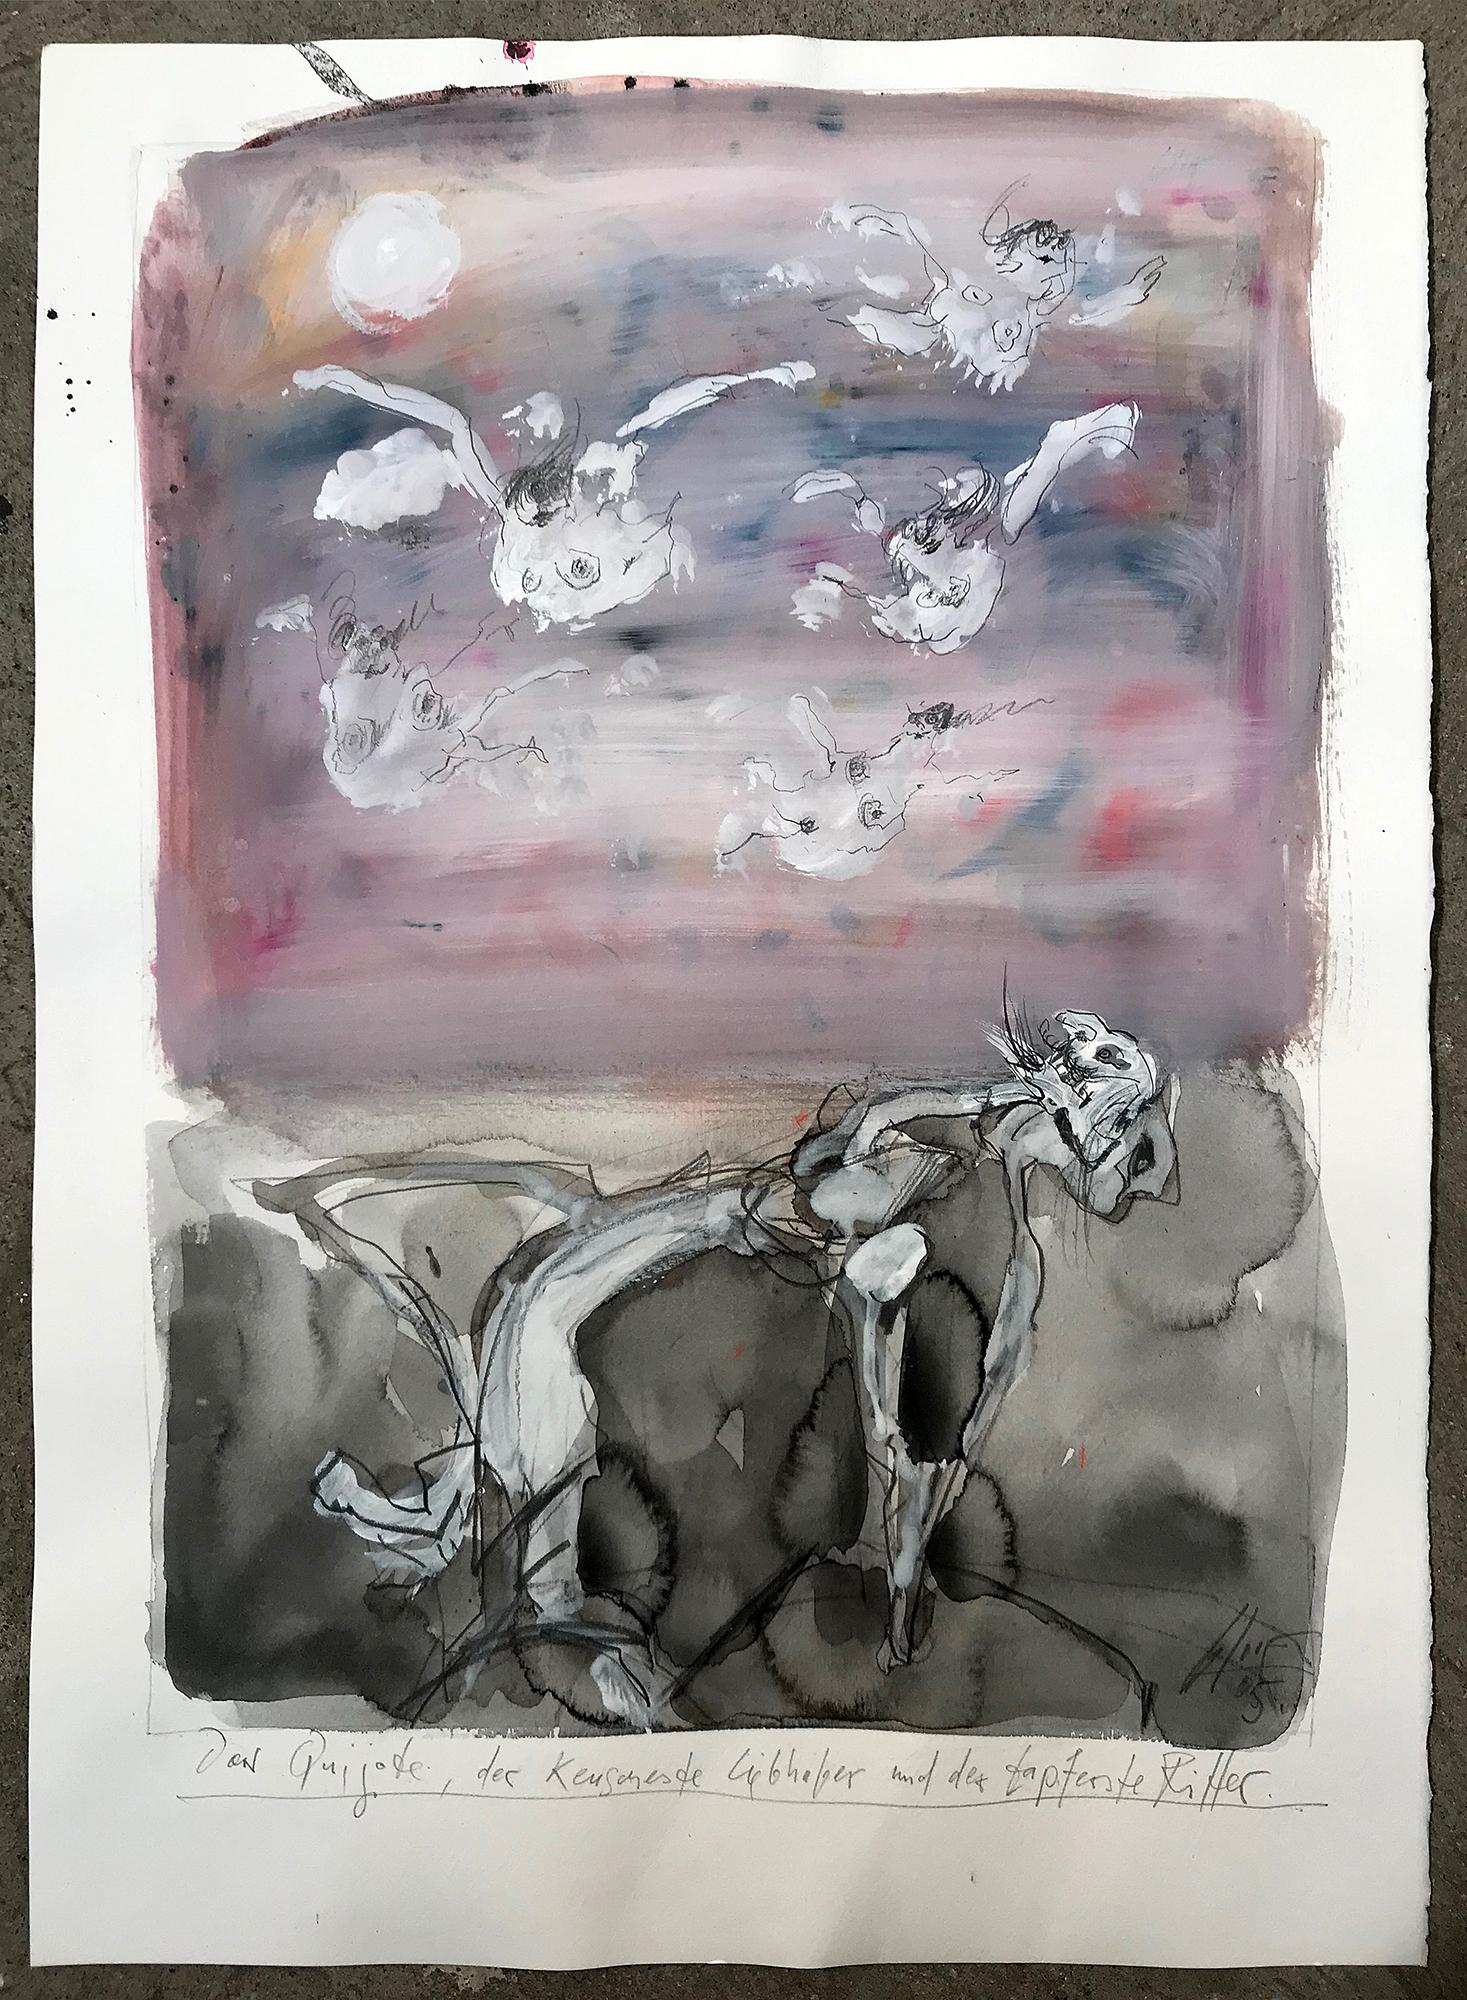 Don Quichot, der keuscheste Liebhaber, 2005, Mischtechnik auf Büttenpapier, 36 x 49 cm, ohne Rahmen